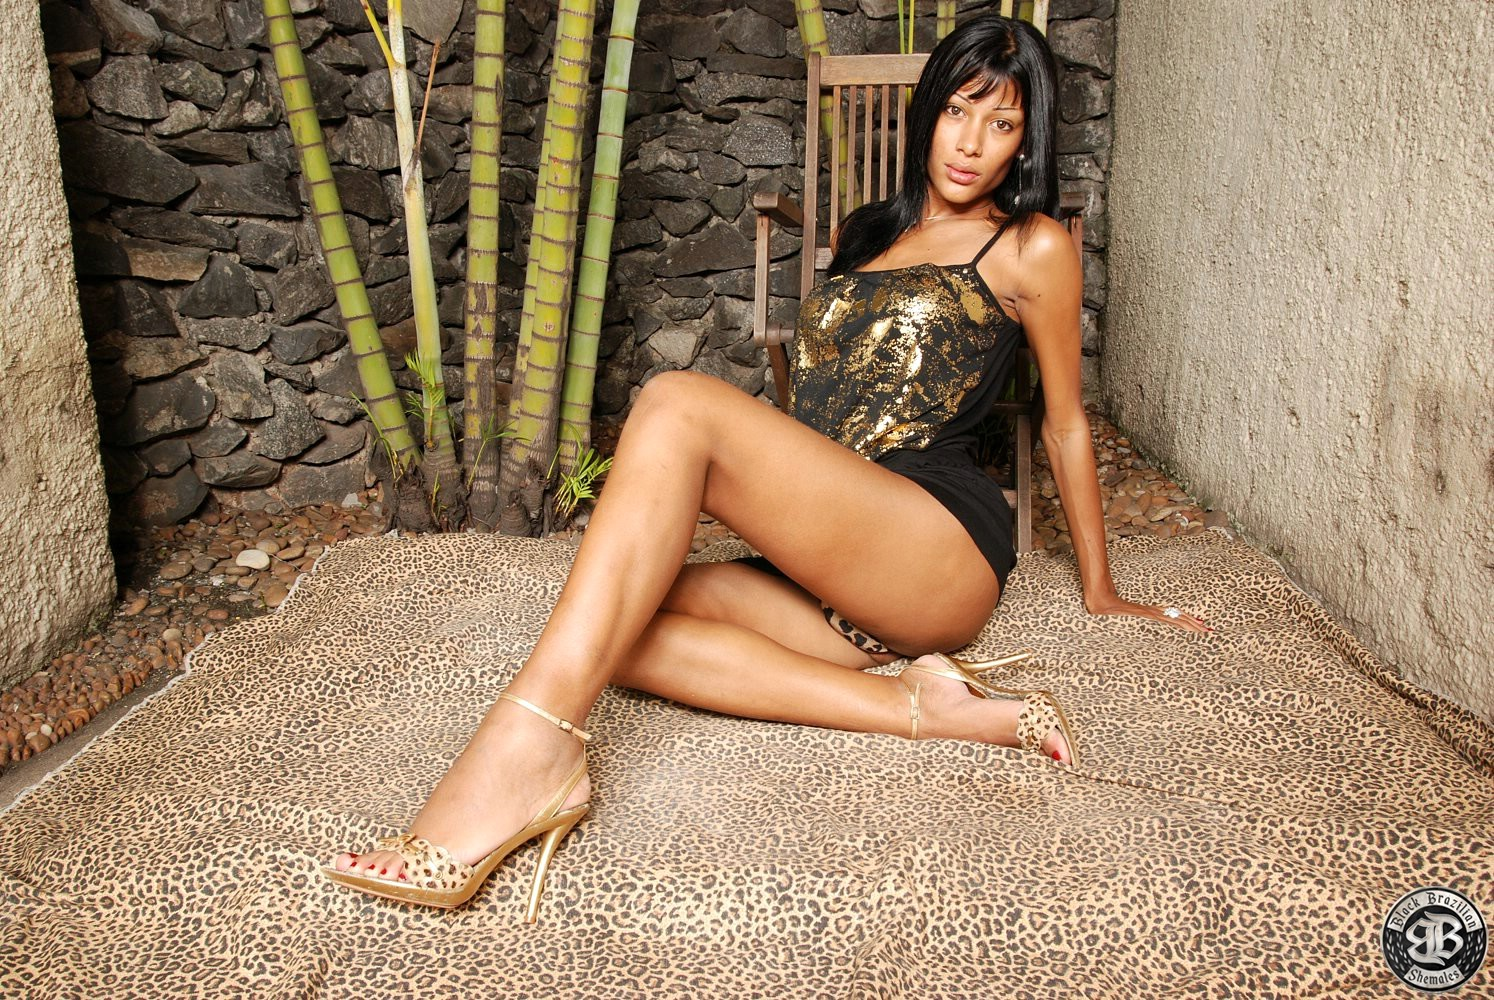 Transexual Diva Miriany Gives A Racy Show